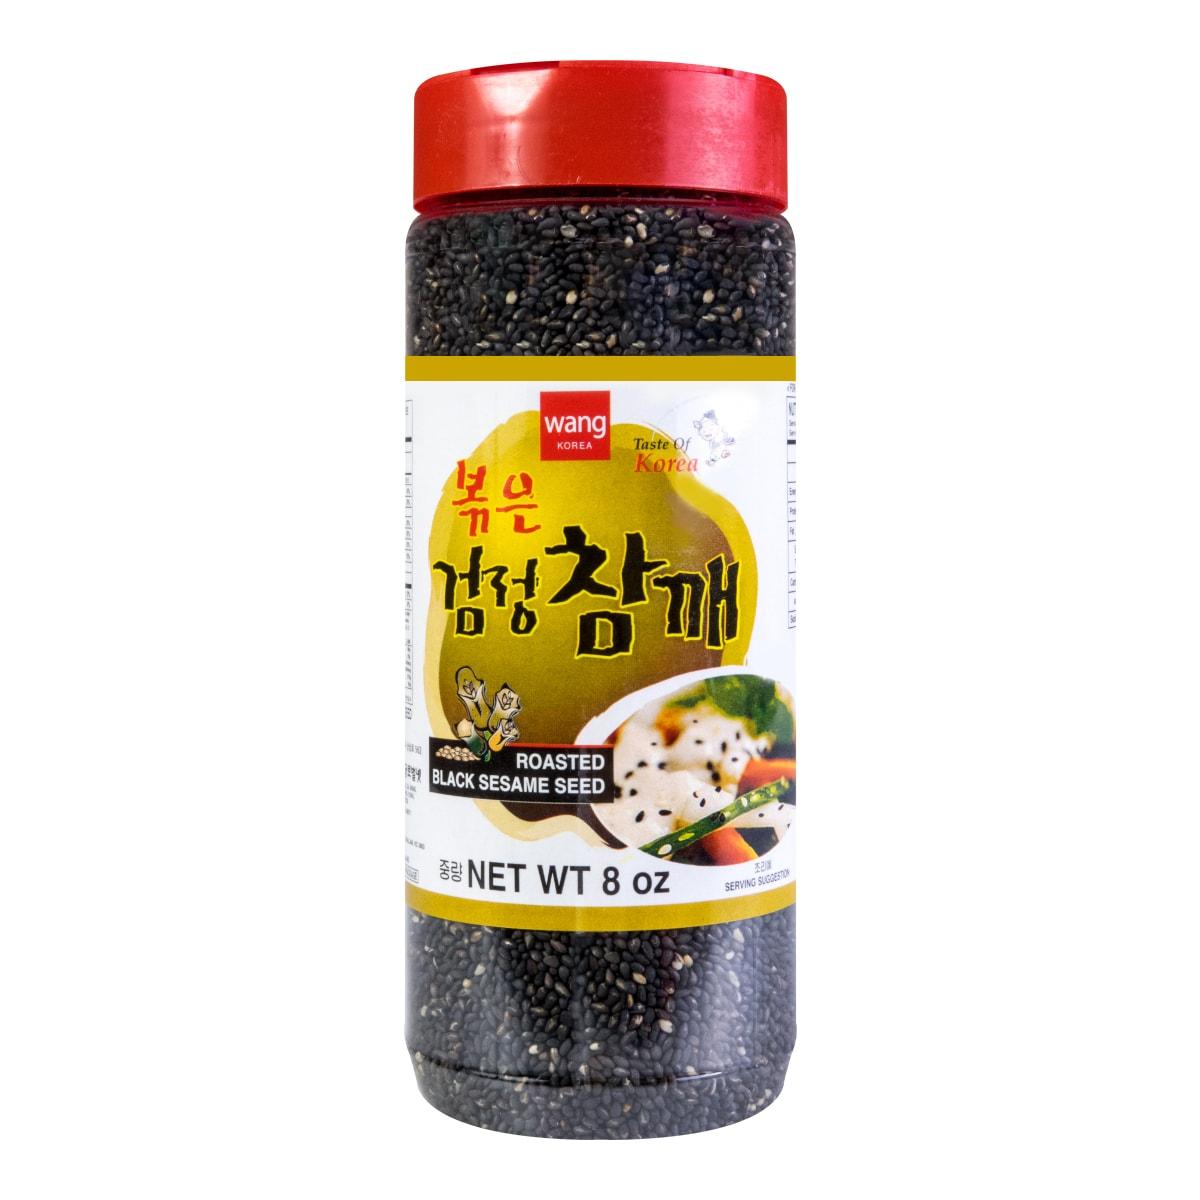 韩国WANG 黑芝麻粒 227g 怎么样 - 亚米网